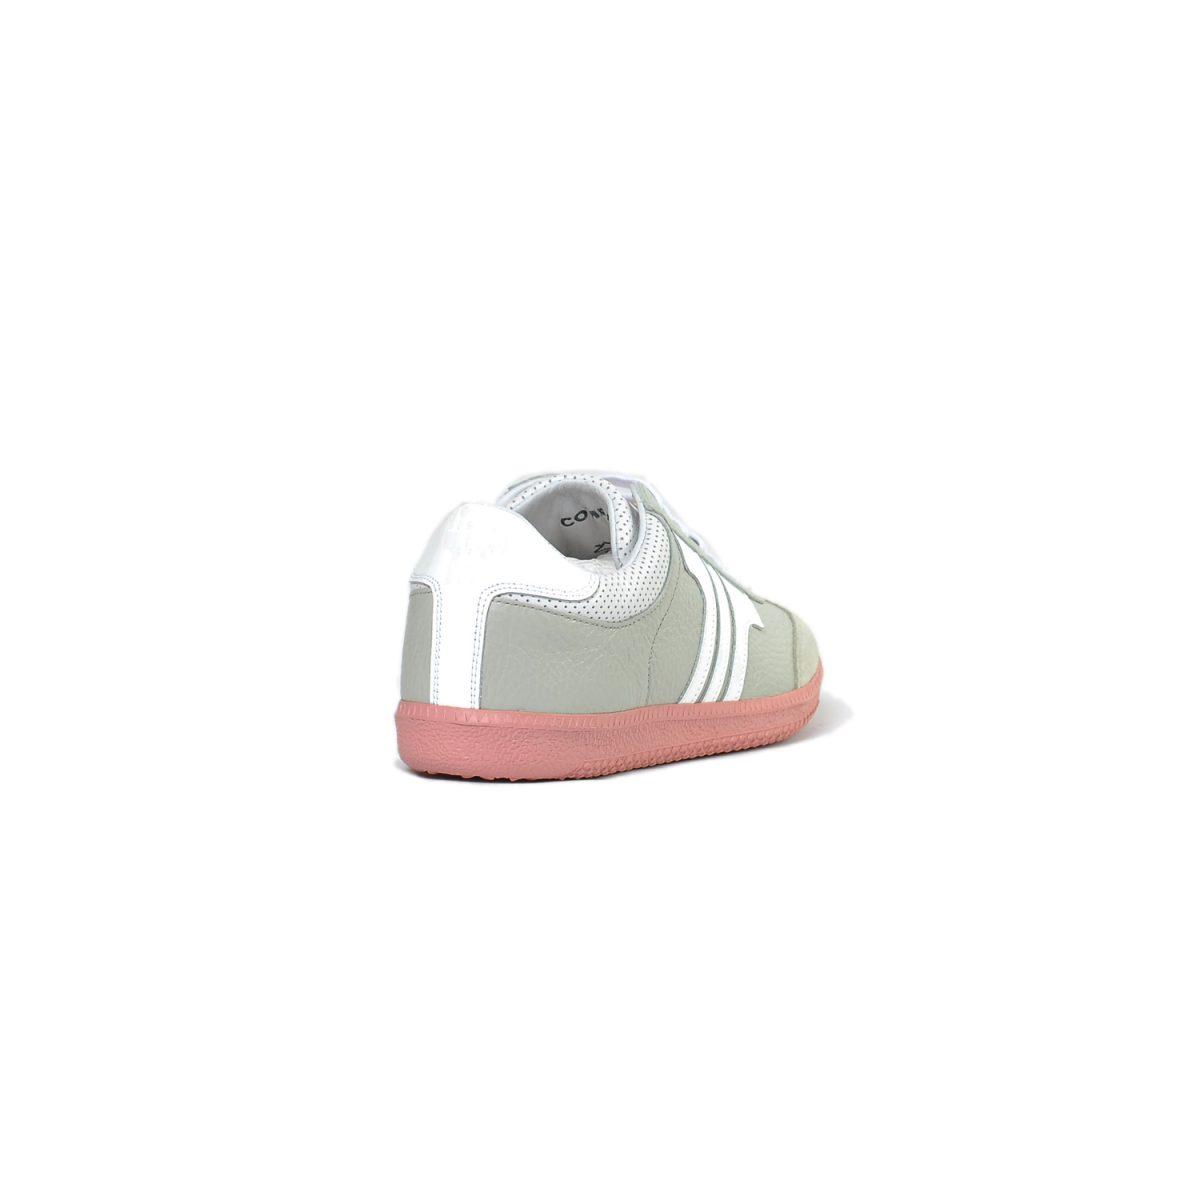 Tisza cipő - Compakt - Szürke-púder